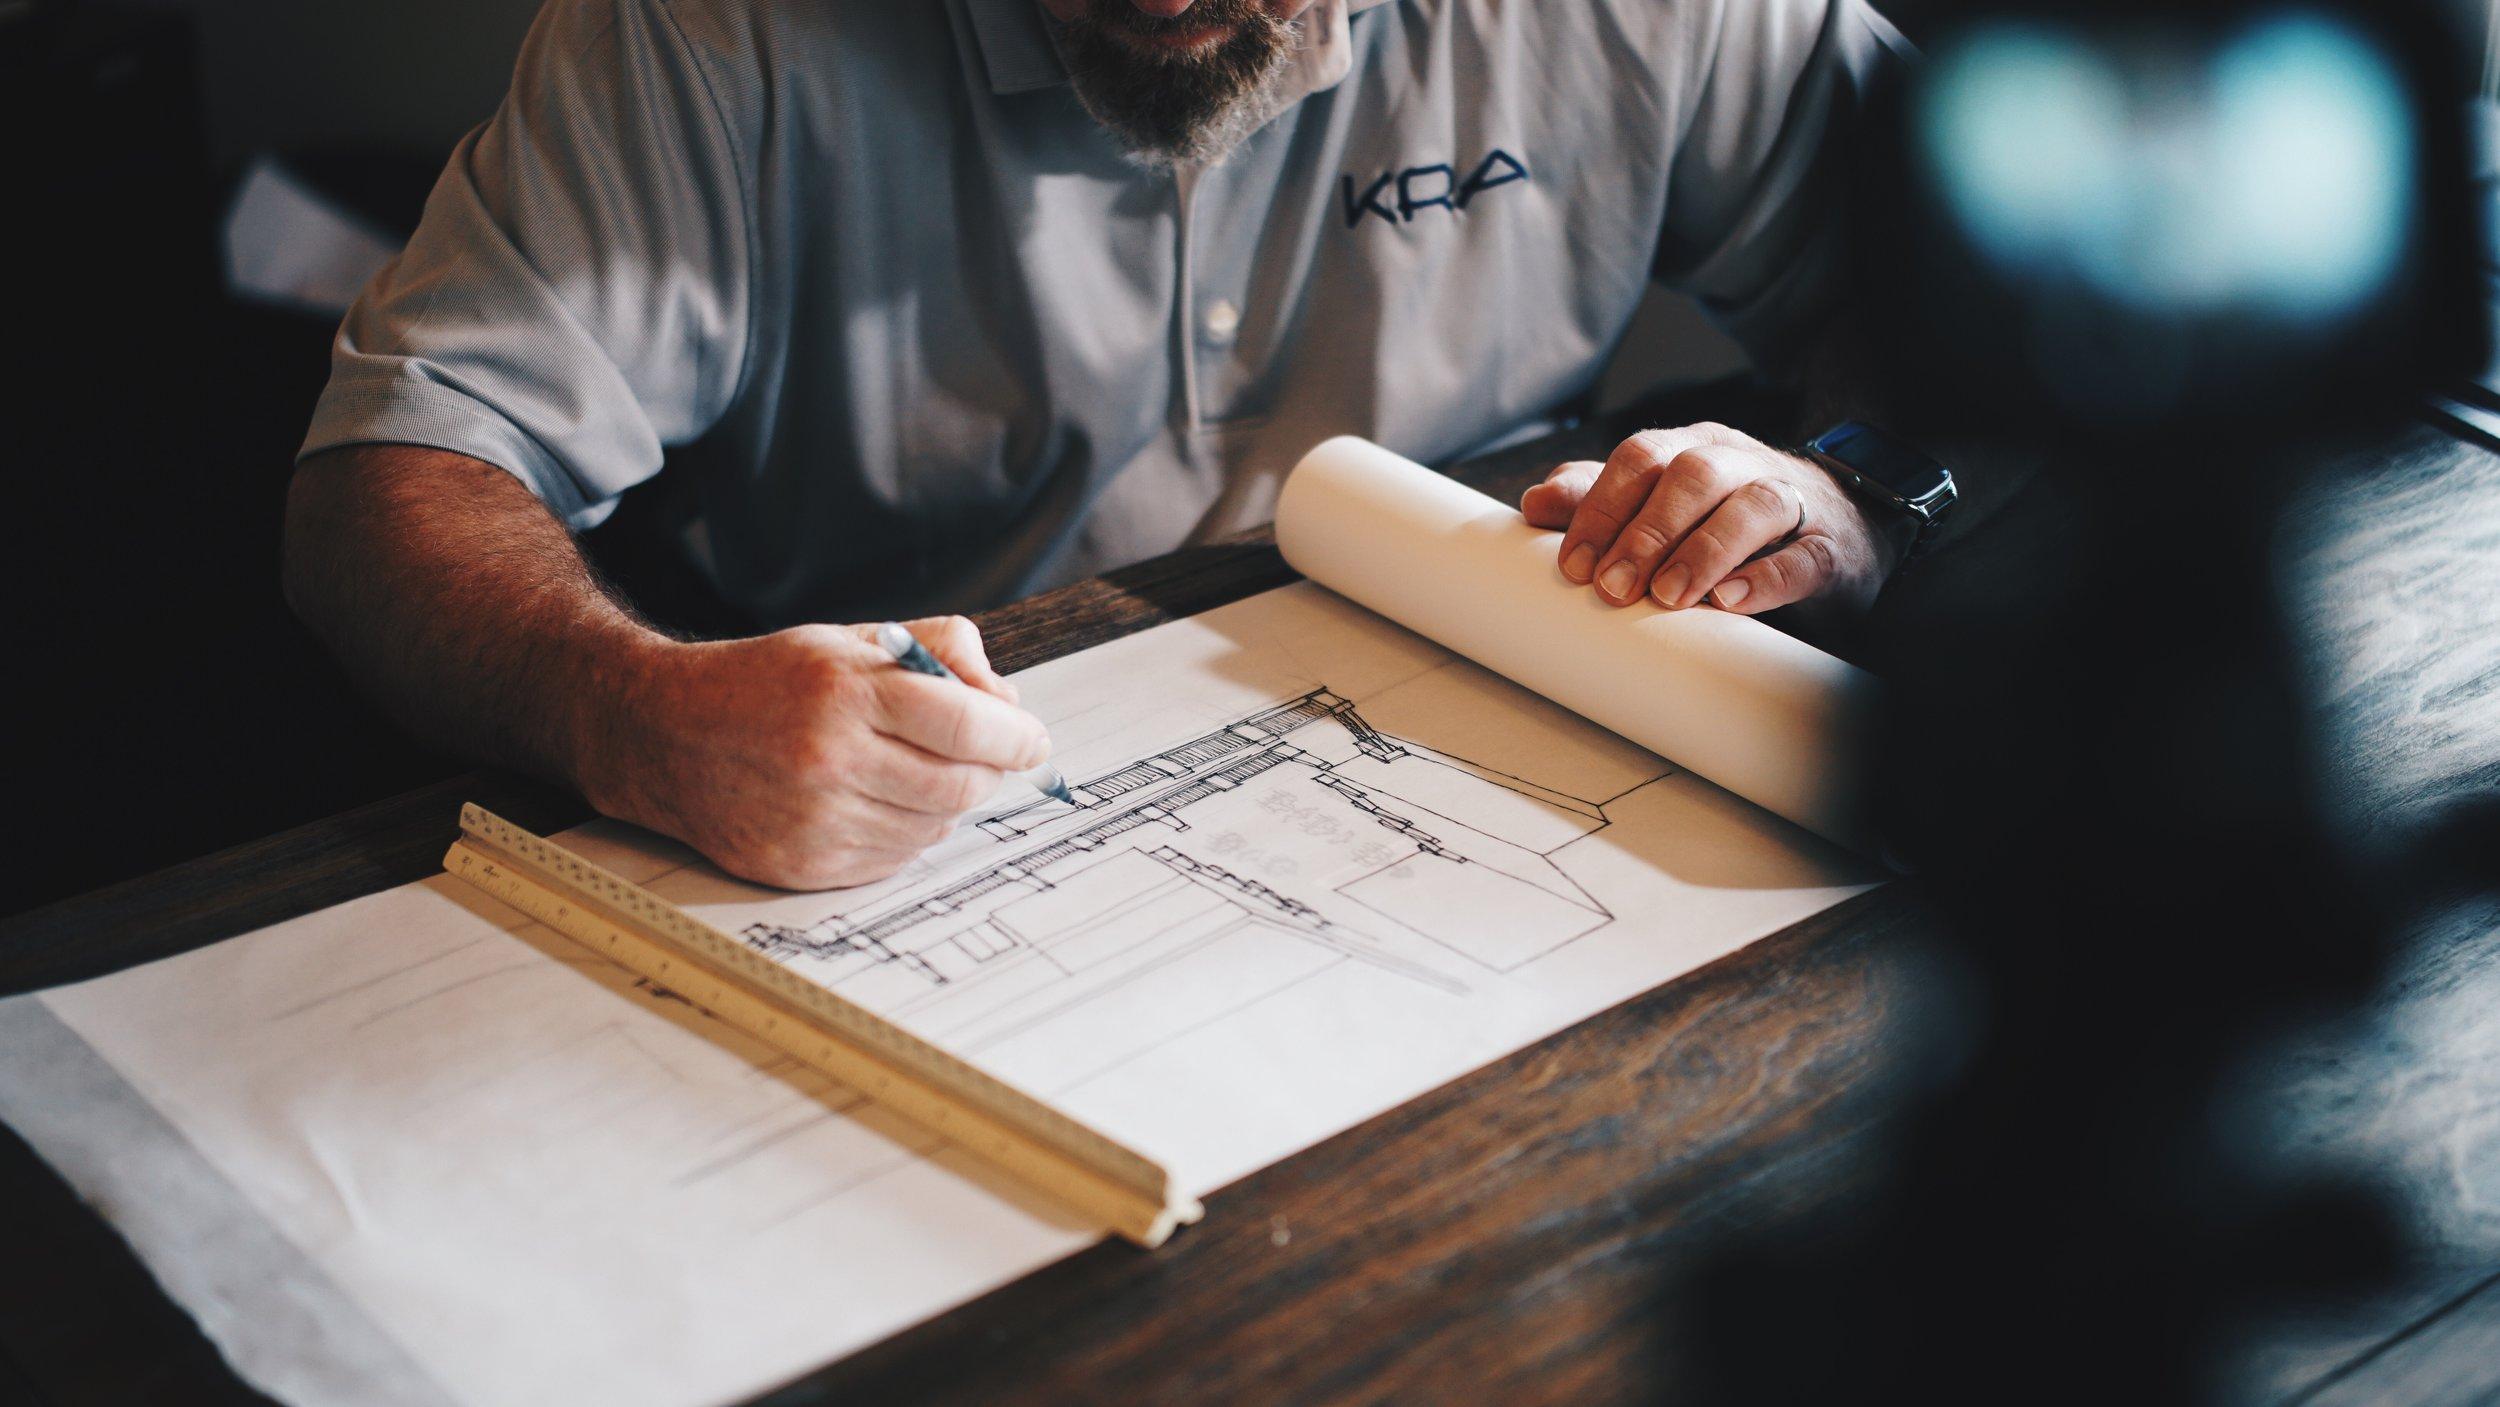 Laudos Estruturais - Com nosso laudo estrutural, realizamos uma análise completa das condições de segurança e estabilidade estrutural do seu imóvel.